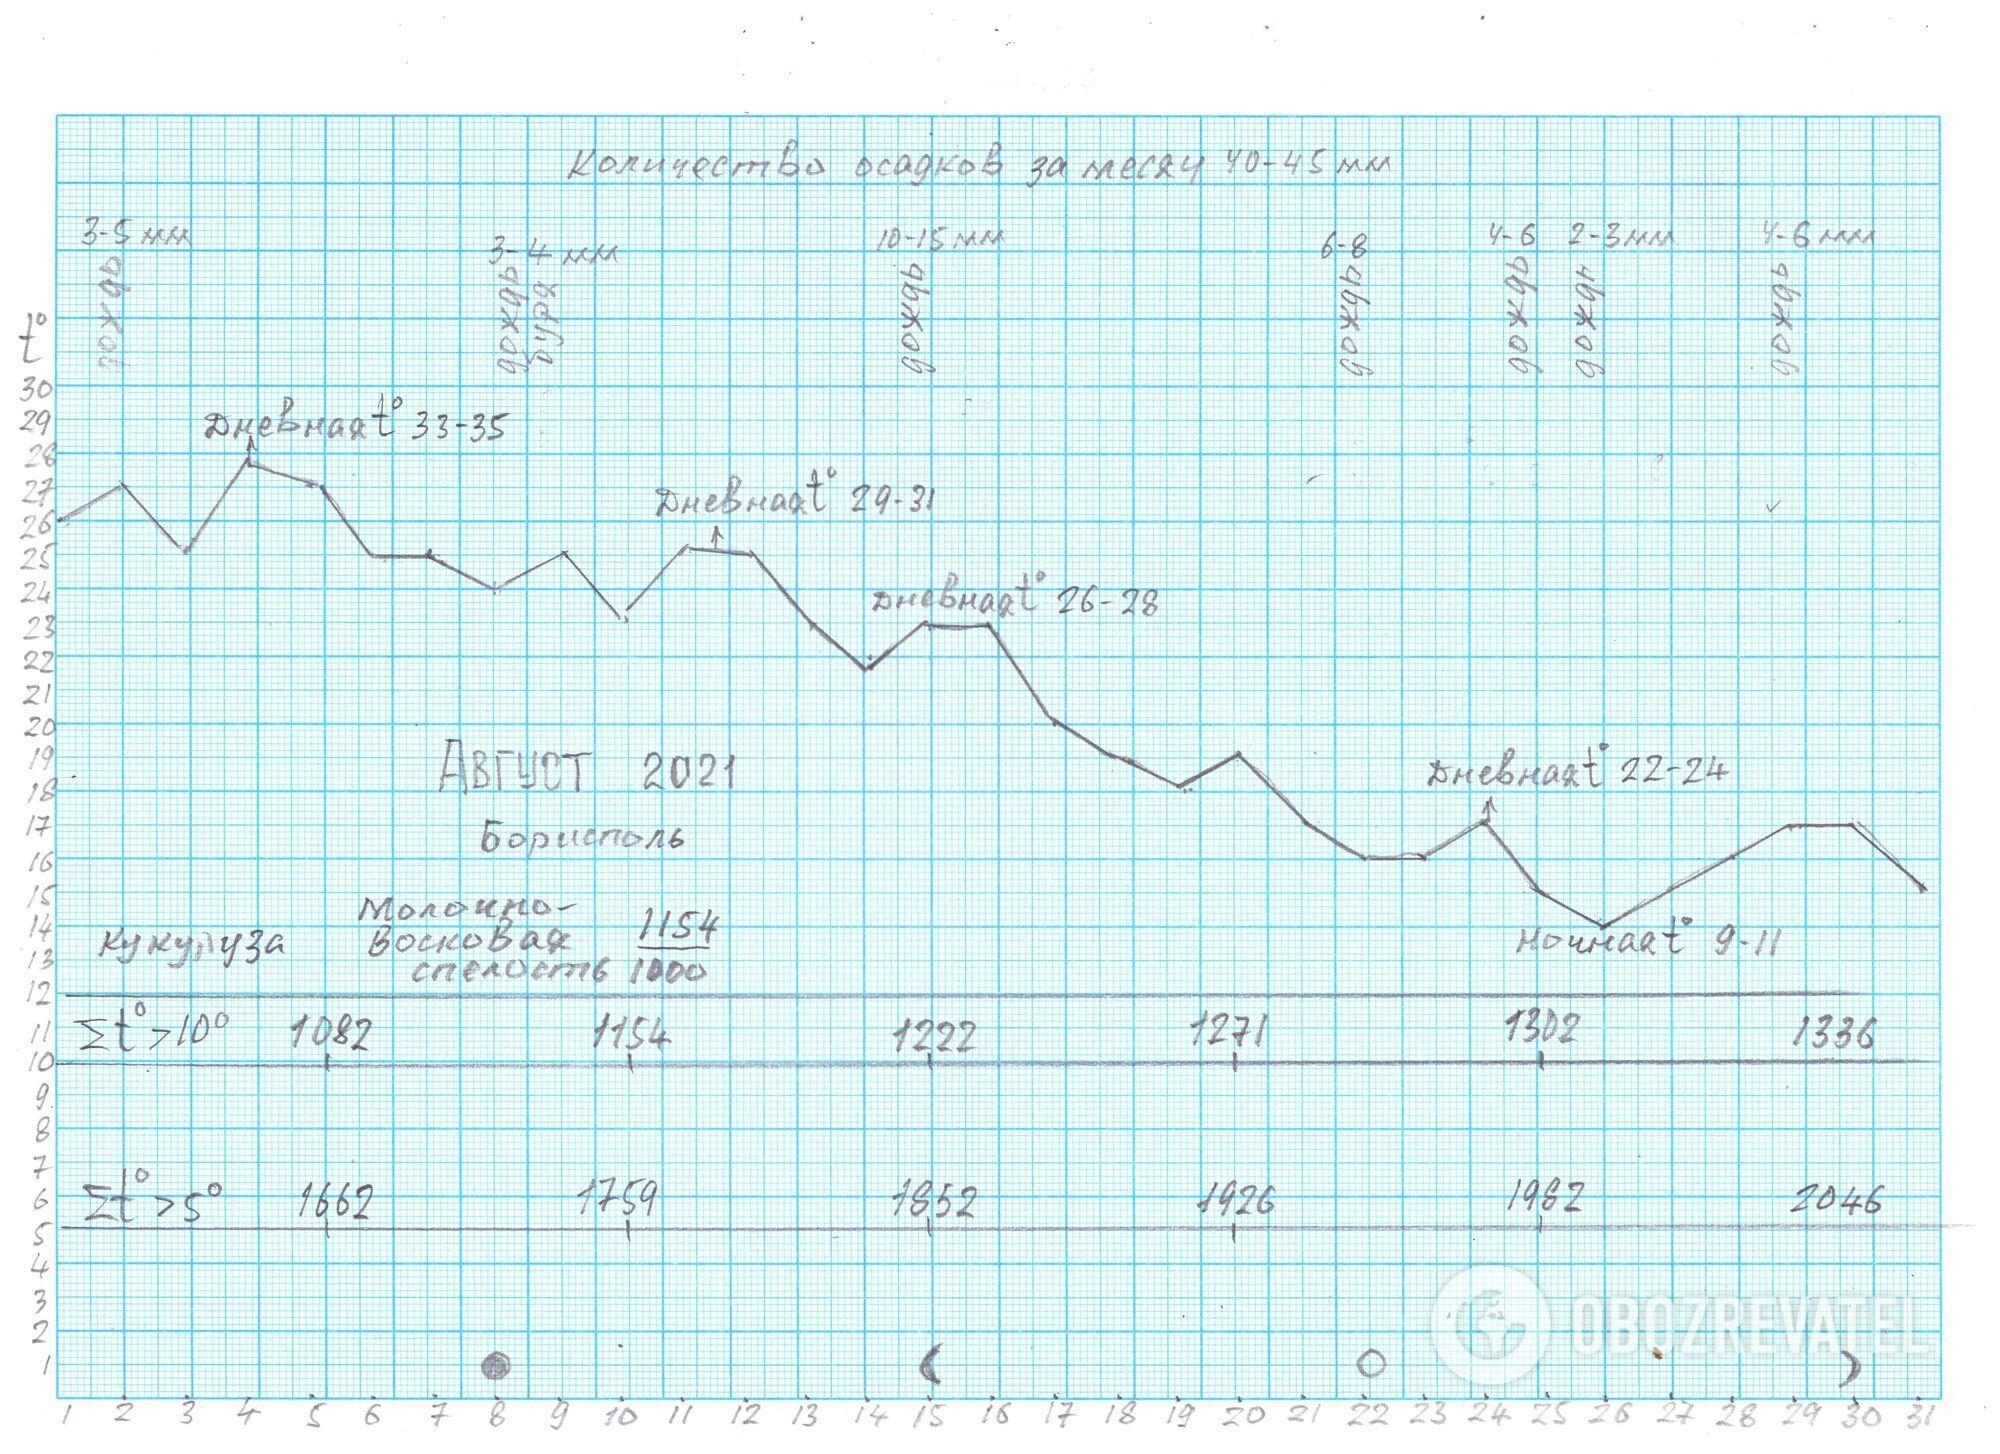 Погода в серпні для центру України за розрахунками Леоніда Горбаня